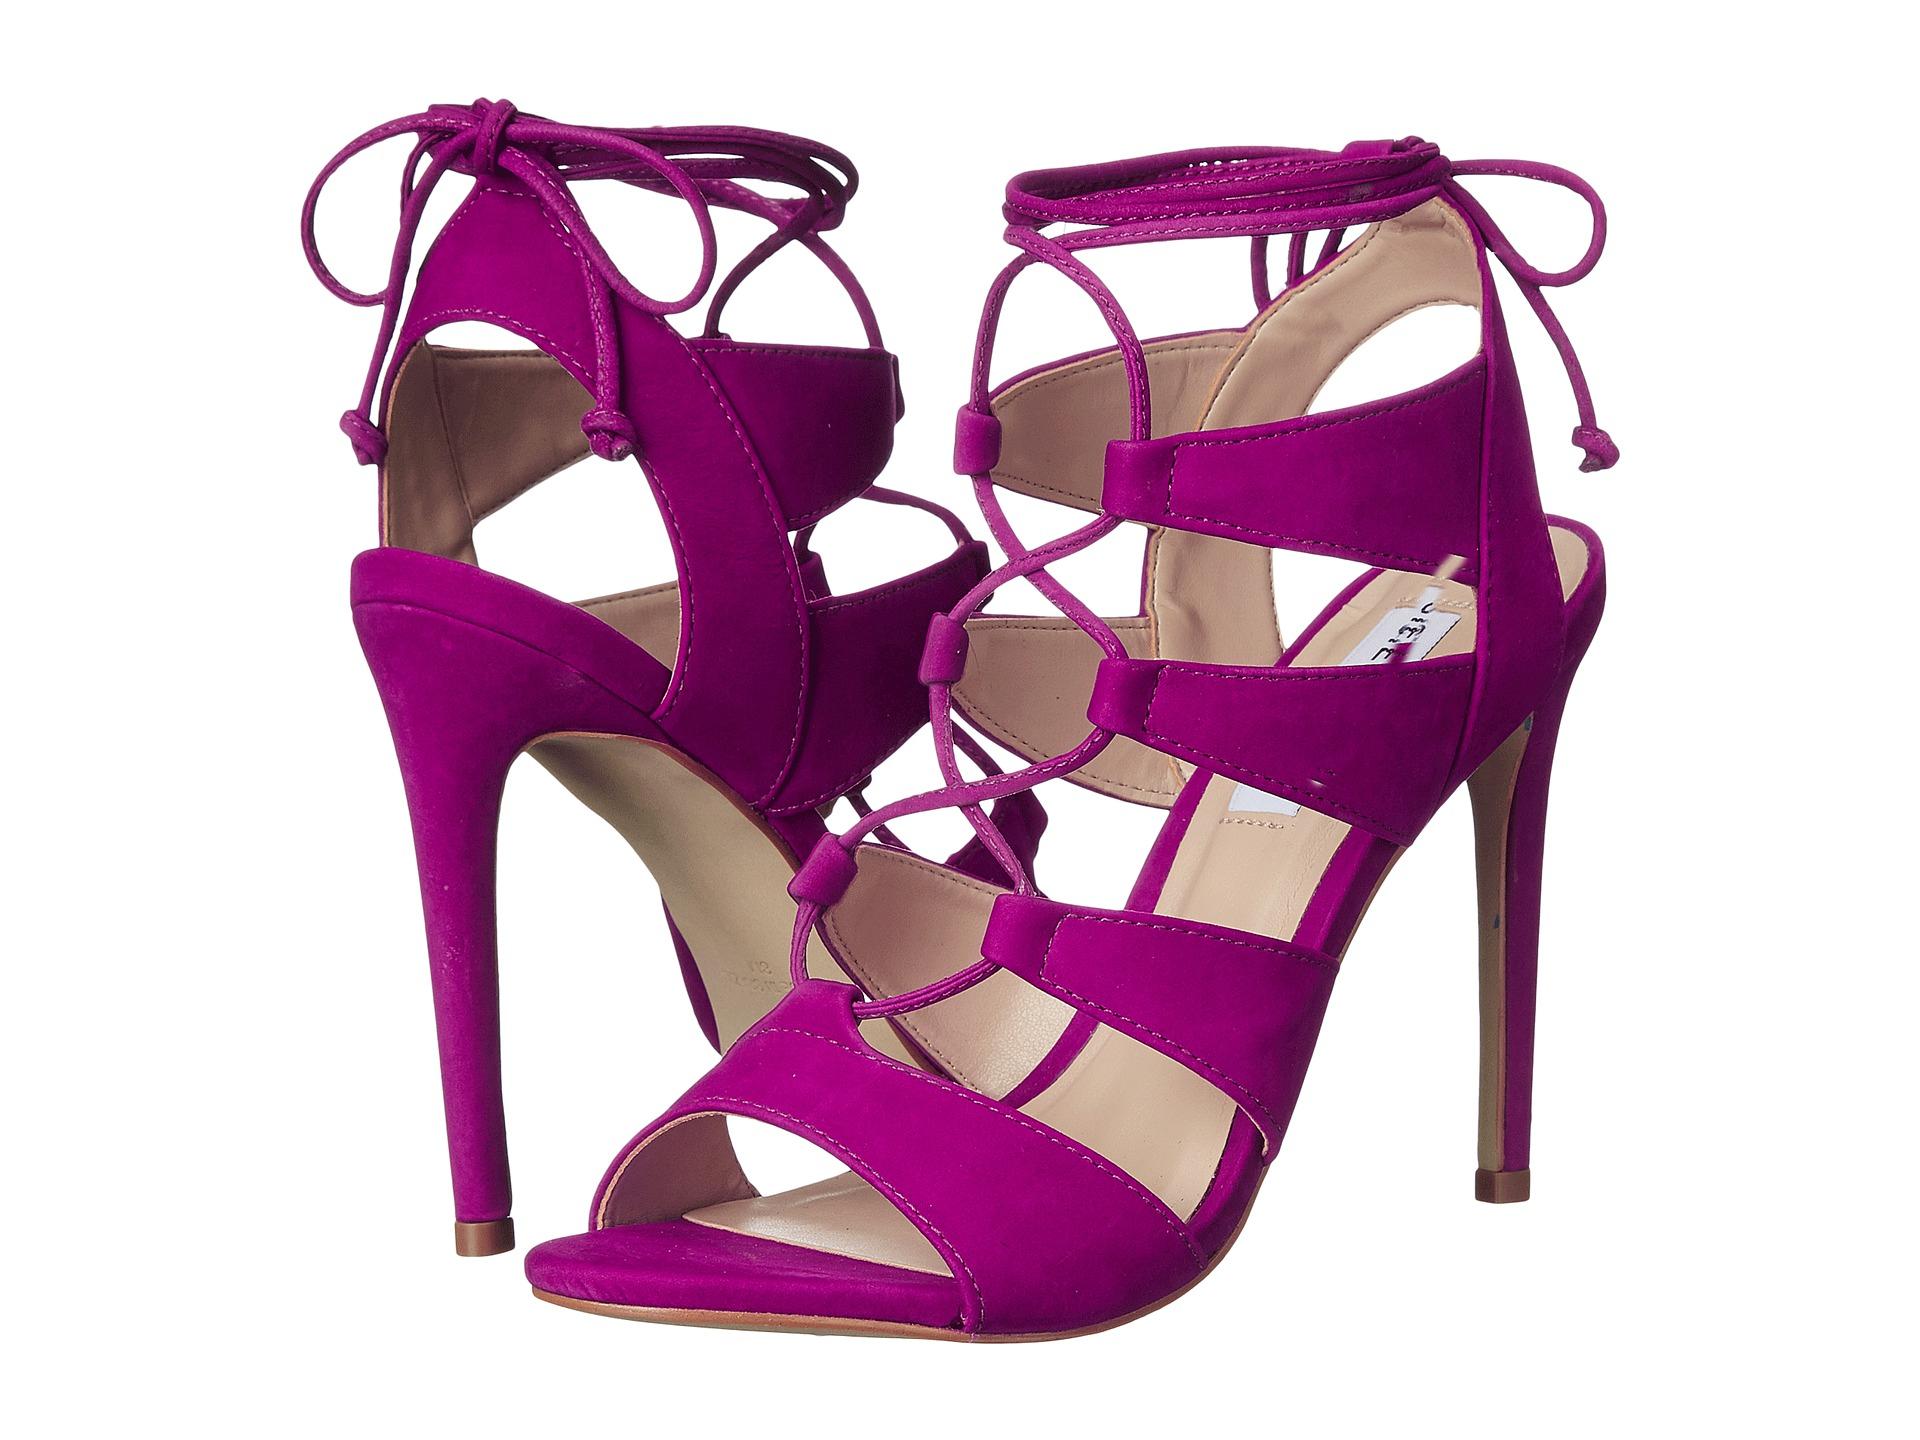 c2e6cb125a4 Women's Purple Sandalia